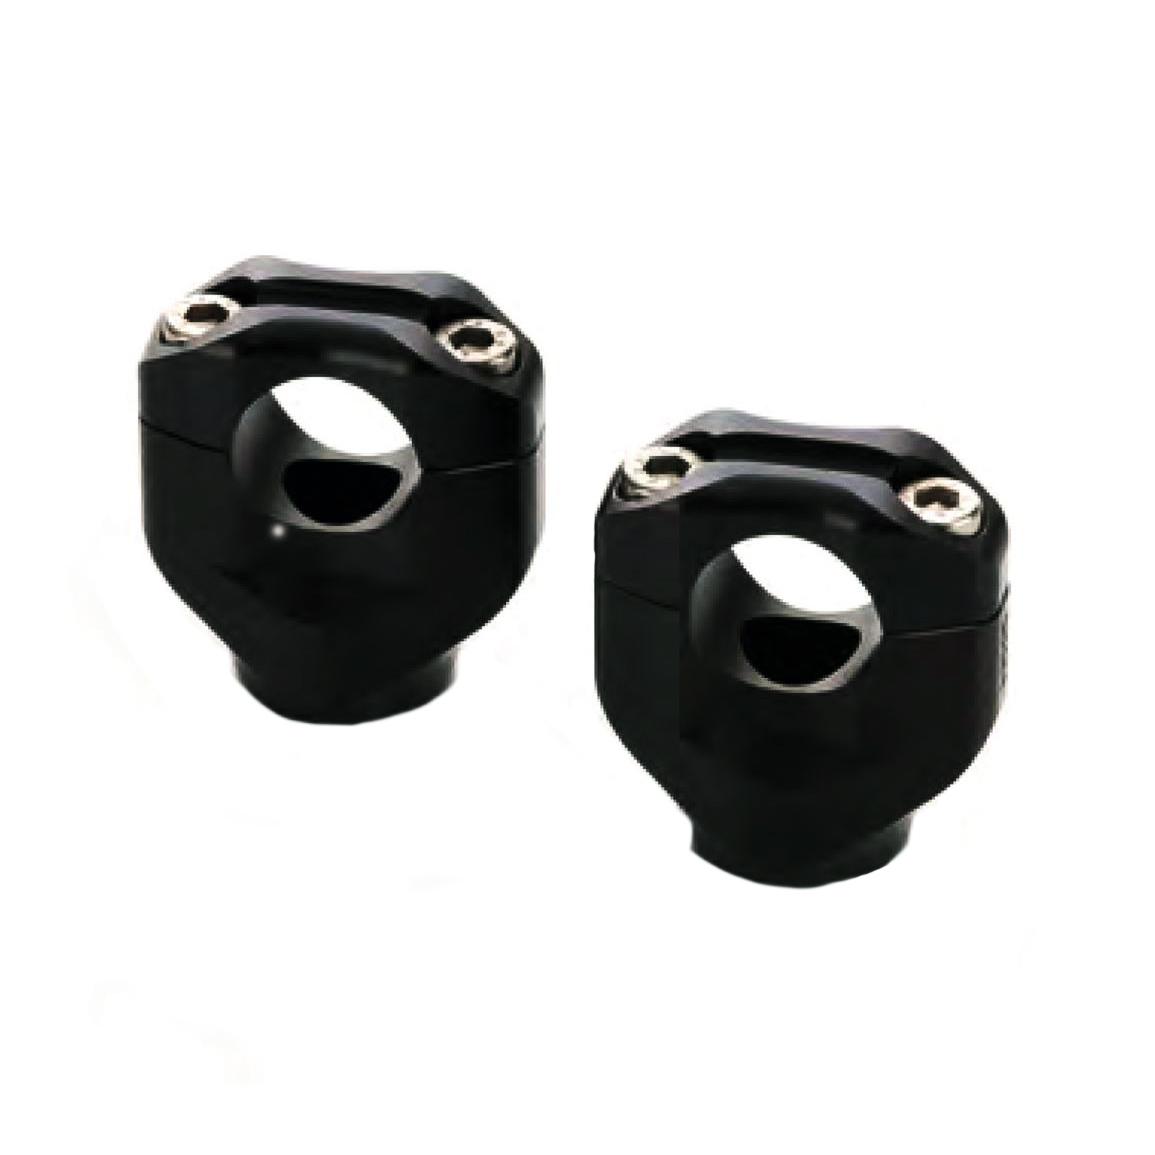 Pontet de guidon LSL Black Bar Mounts noir Ø 22 mm Yamaha MT-07 14-16